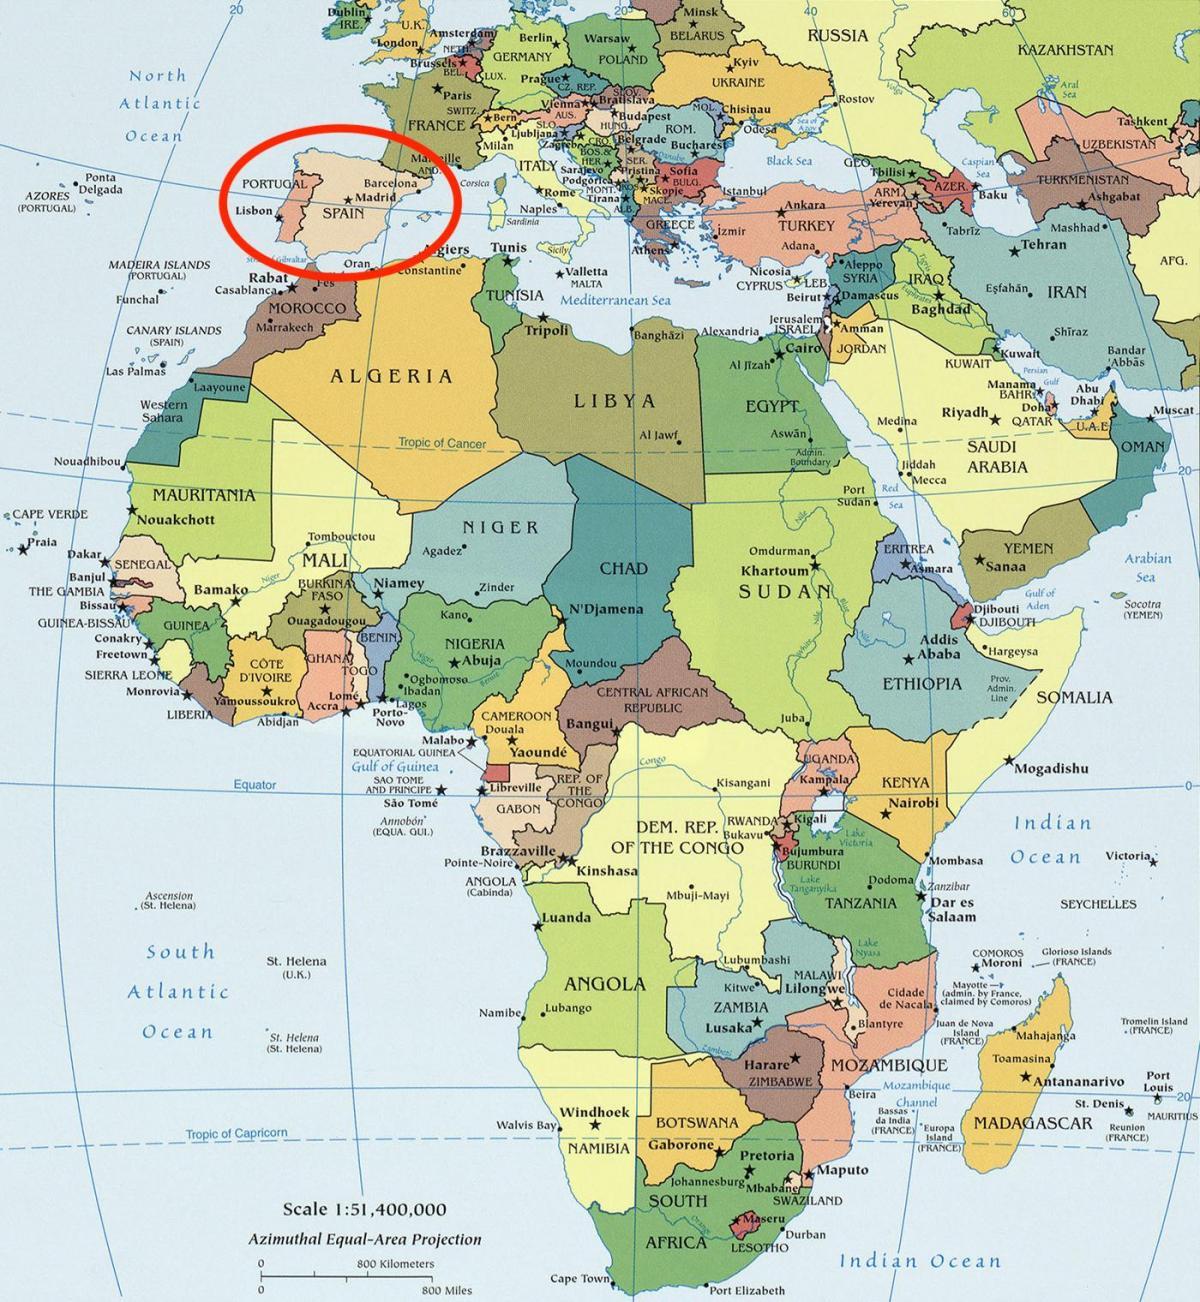 kart over madrid Kart over Spania og afrika   Afrika og Spania kart (Sør Europa  kart over madrid